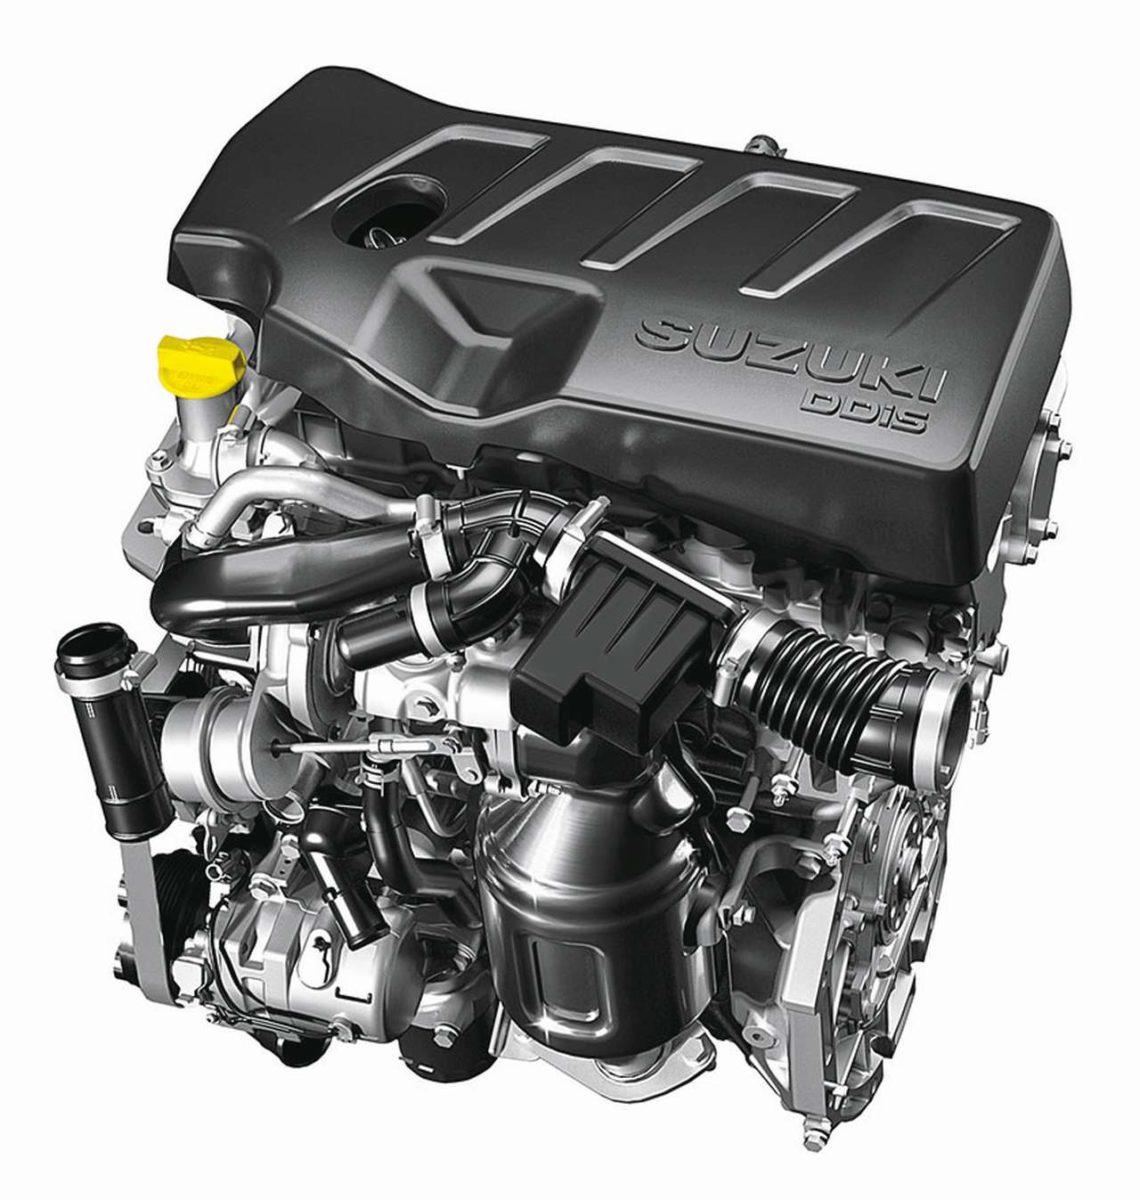 Maruti Suzuki DDiS 225 diesel engine